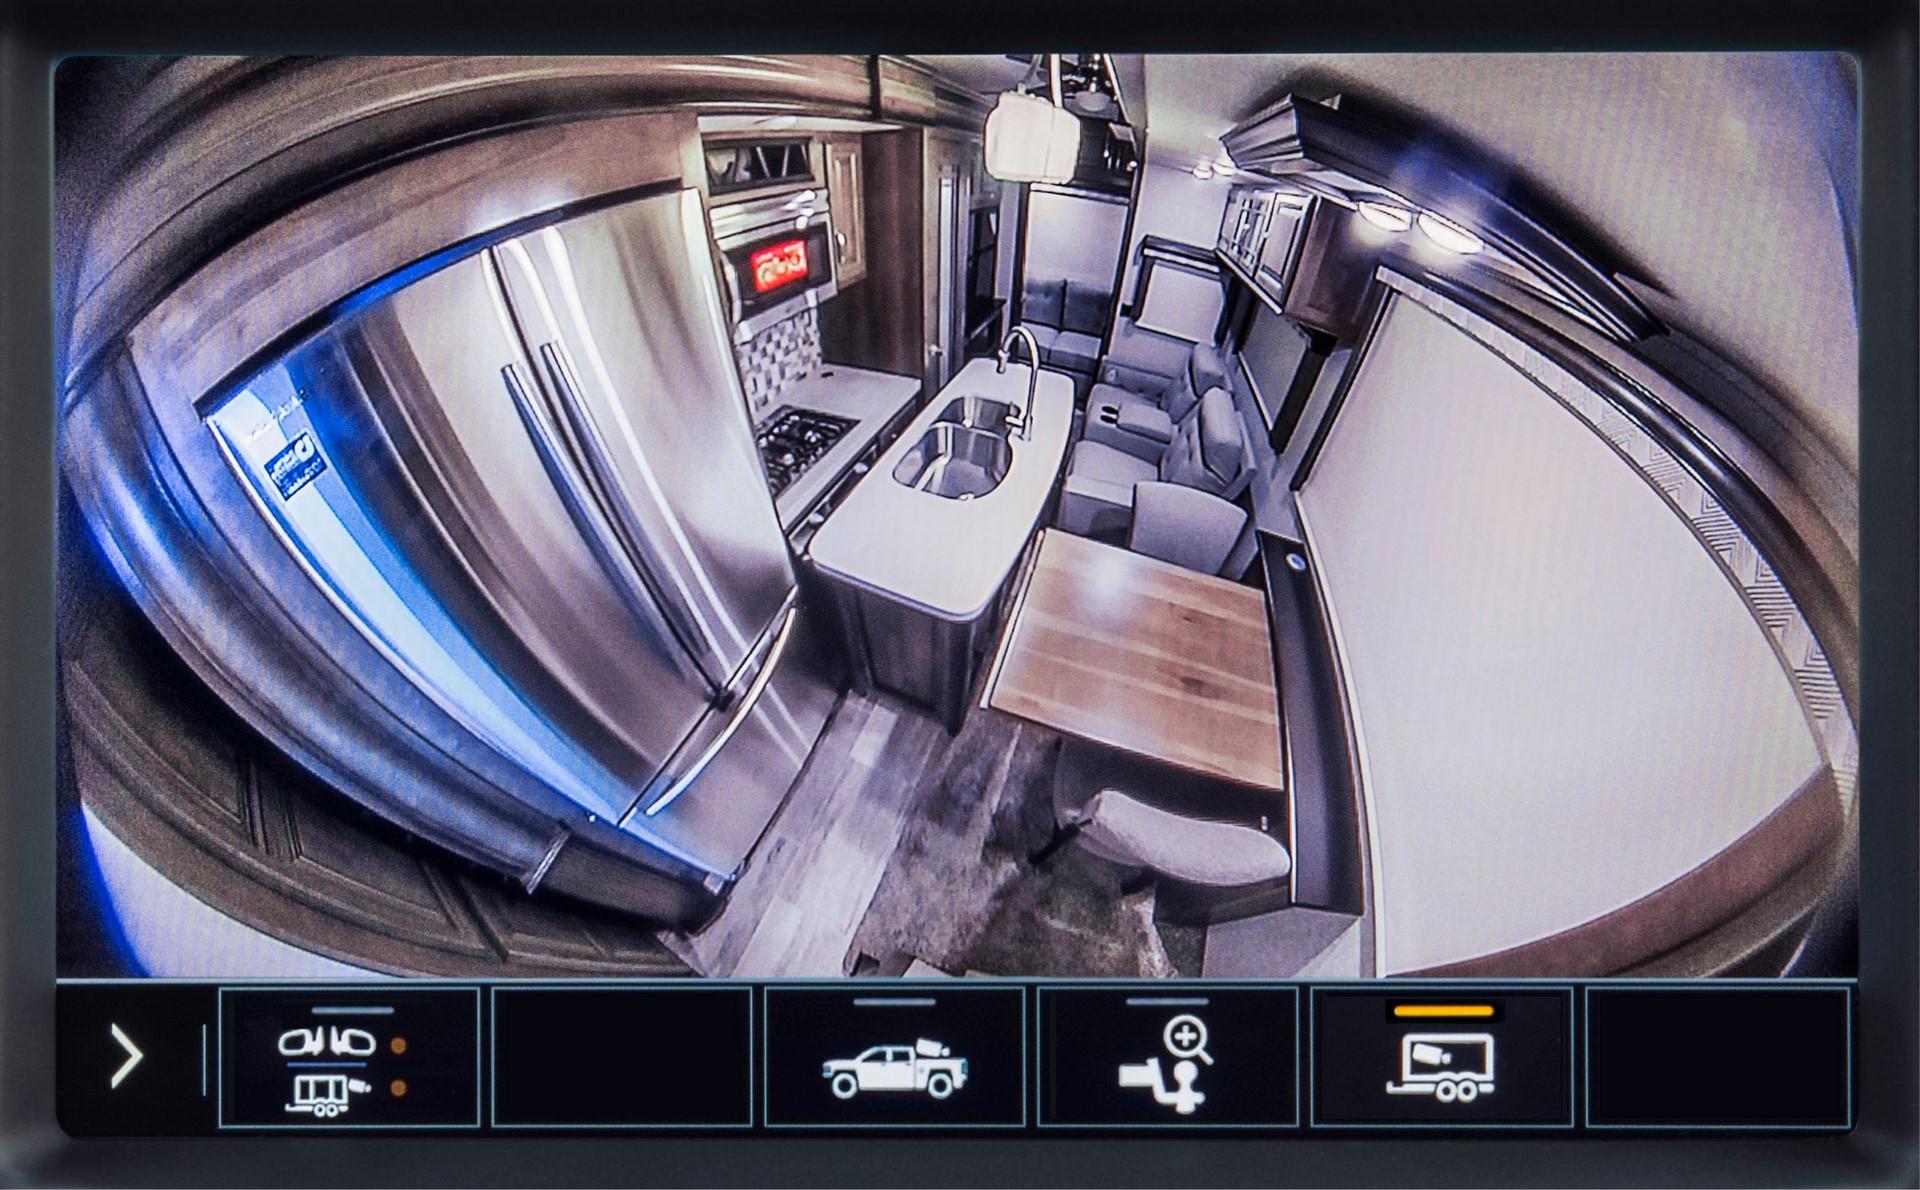 2020 GMC Sierra HD Inside Trailer View Camera